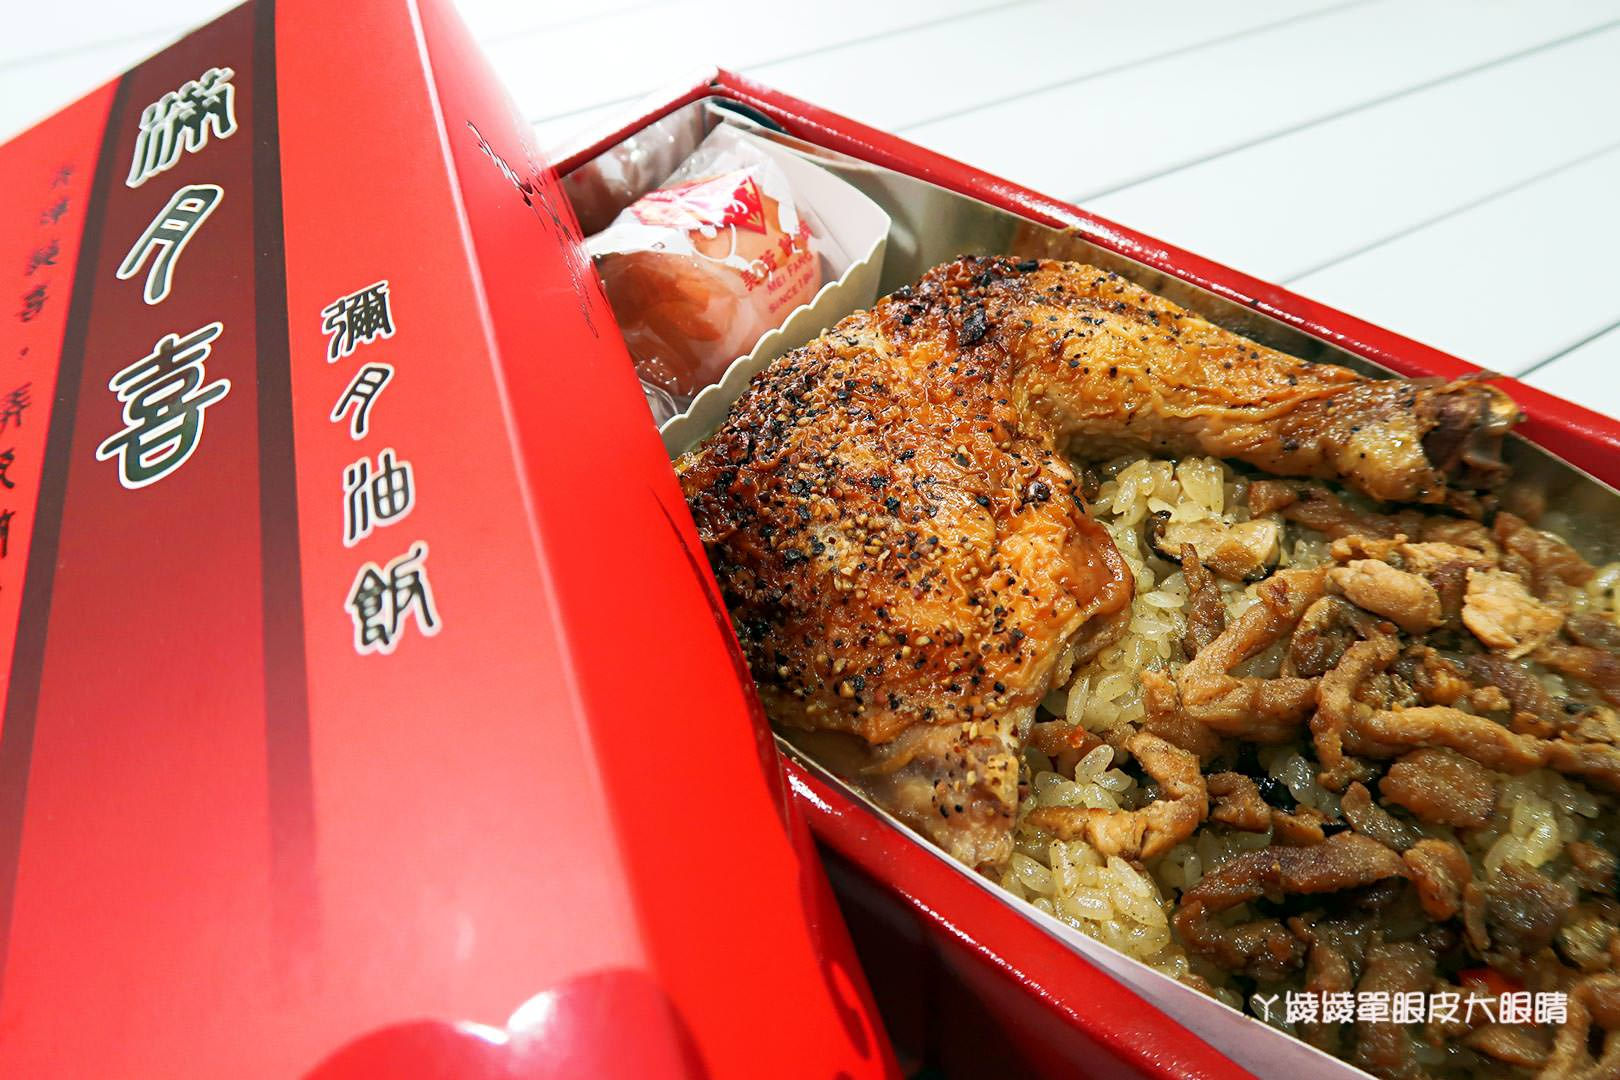 新竹好吃油飯推薦《美芳餅舖》,過年伴手禮盒就選飄香七十年老字號餅舖,蛋黃酥|綠豆椪|竹塹餅|古早味傳統肉粽